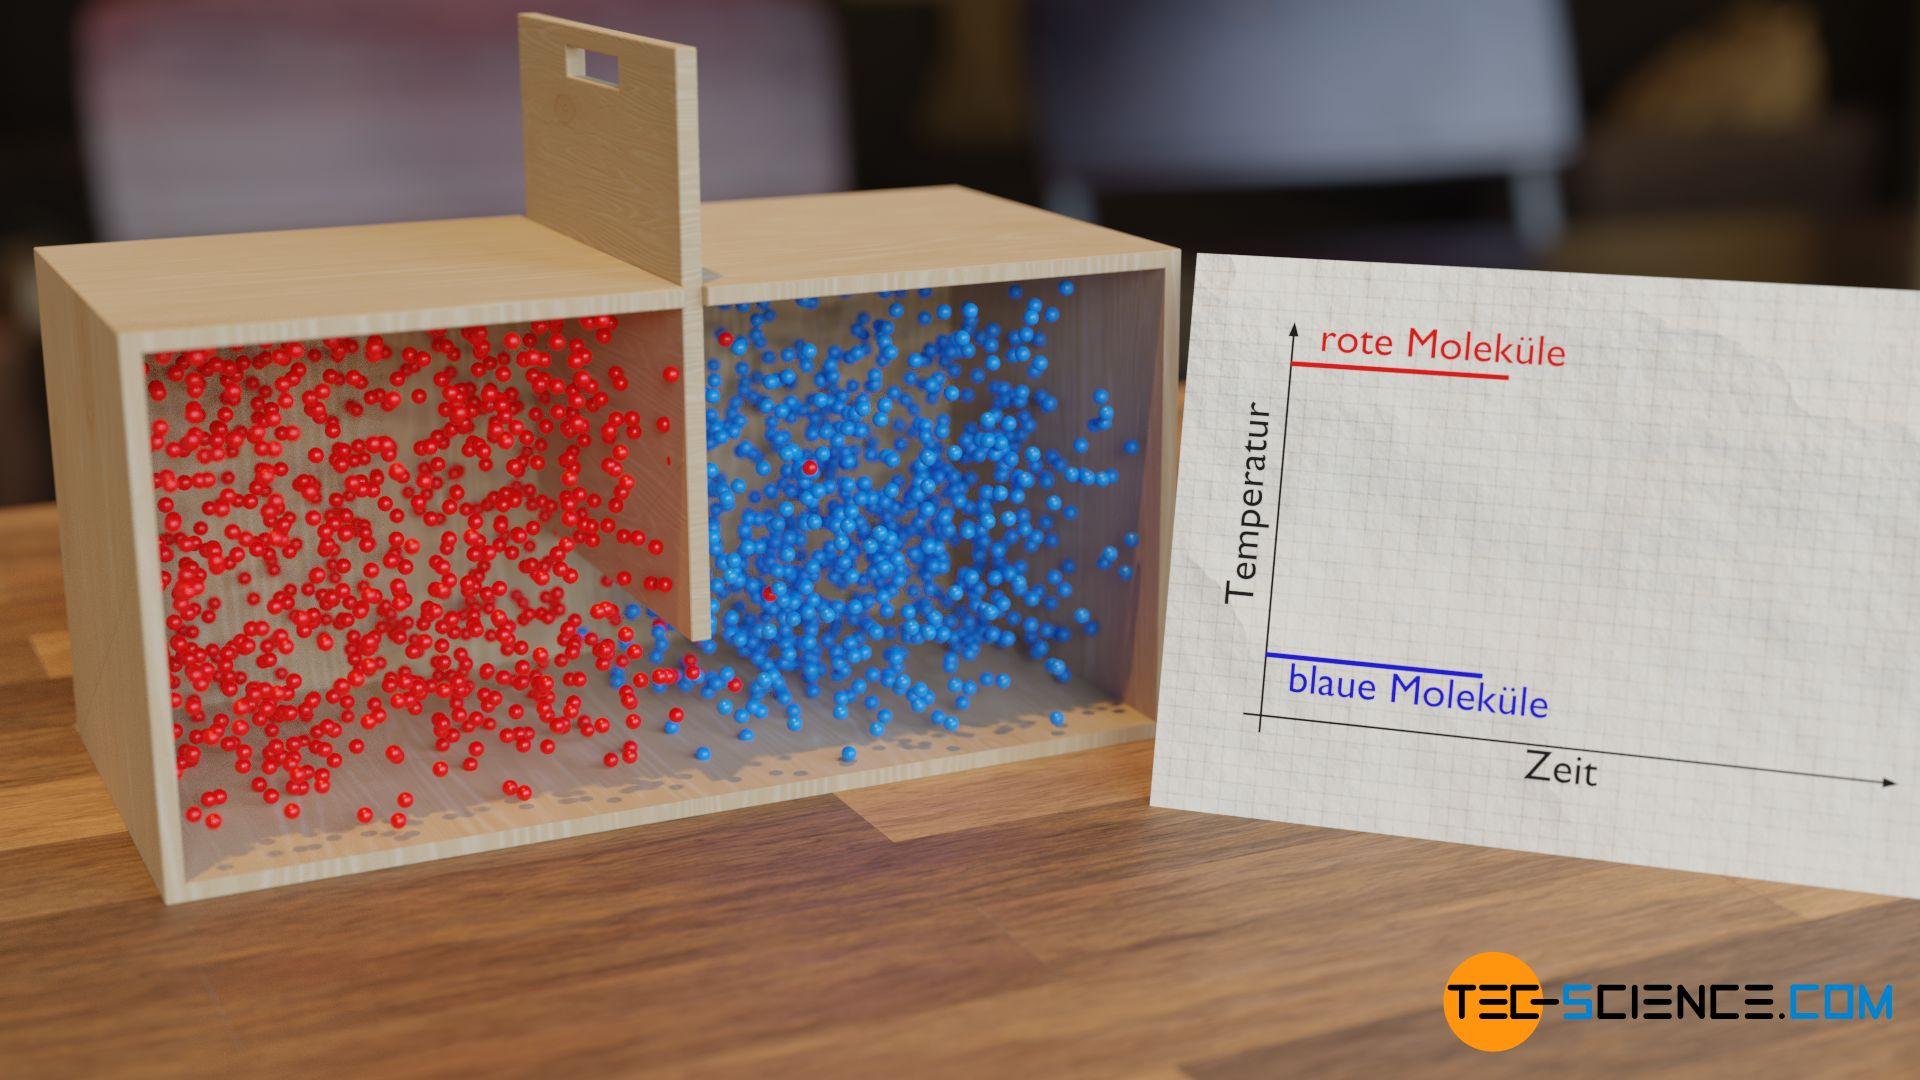 Veranschaulichung der Angleichung der Temperatur mithilfe des Teilchenmodells